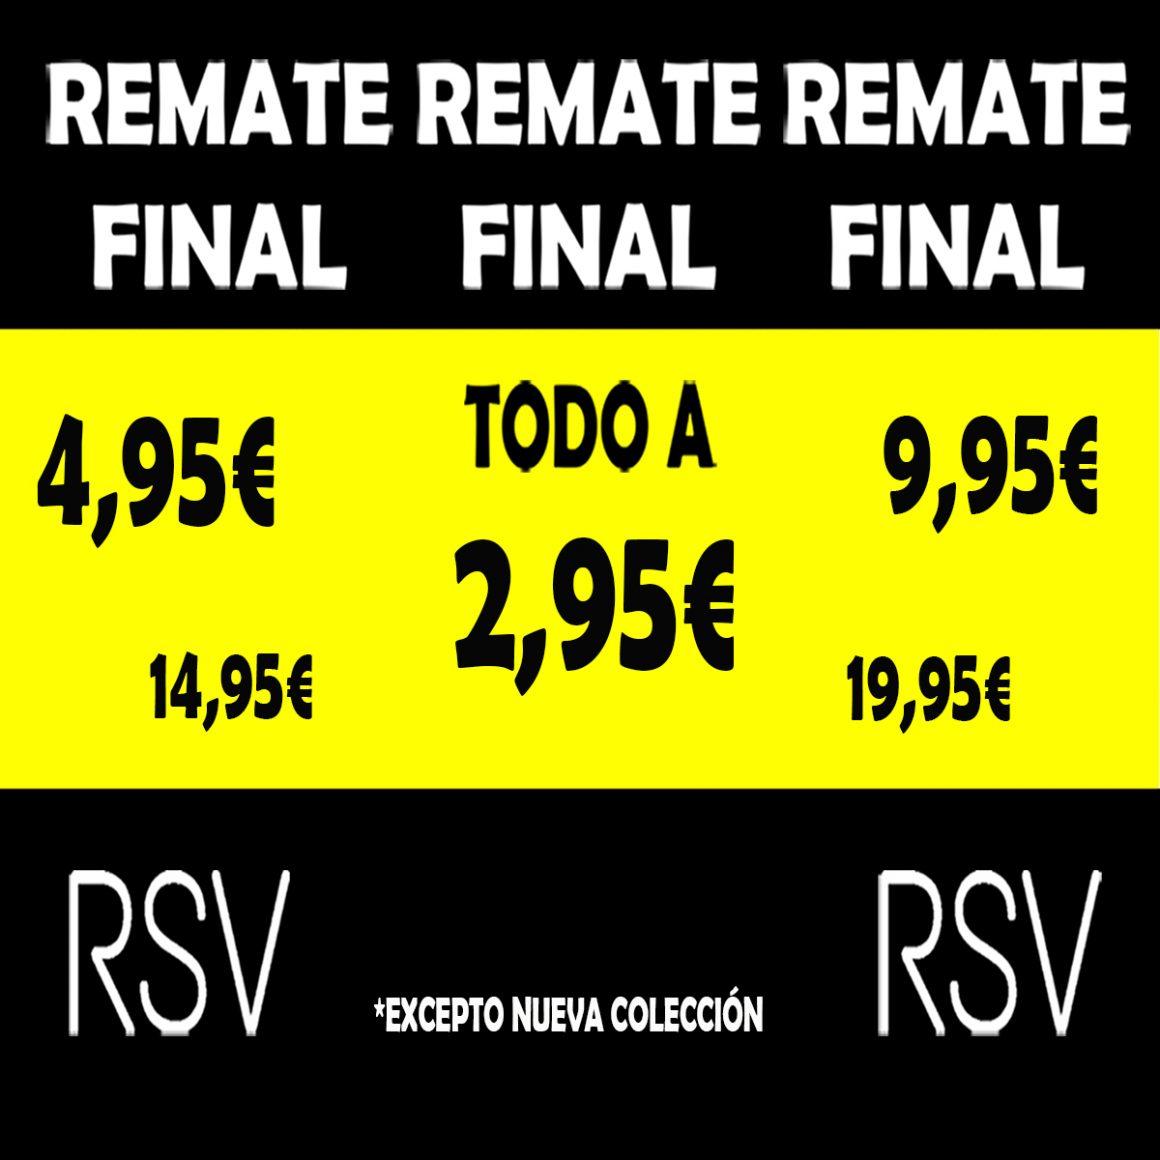 Remate final en RSV